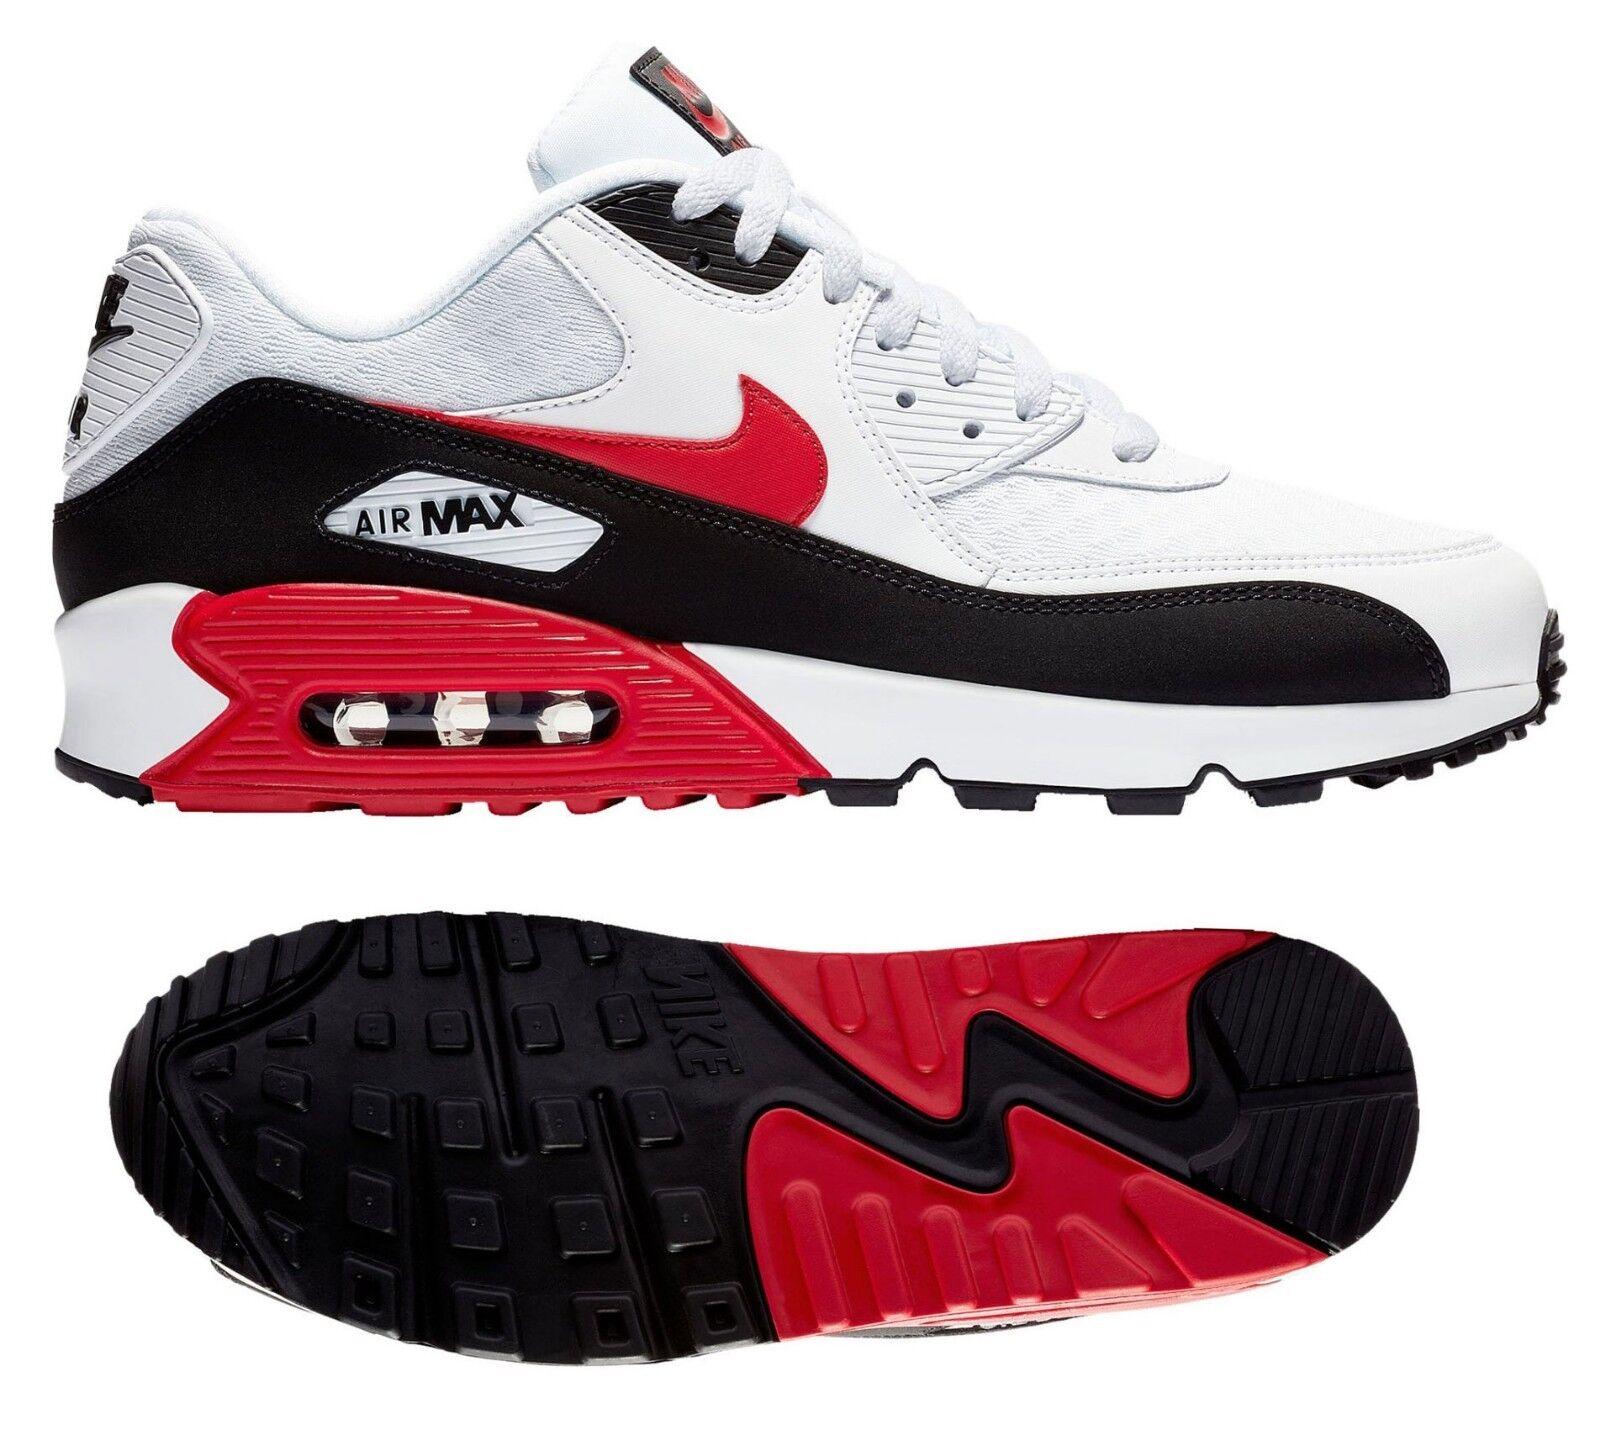 New NIKE Air Max 90 Essential Mens red white black red Mens 6b6b8b